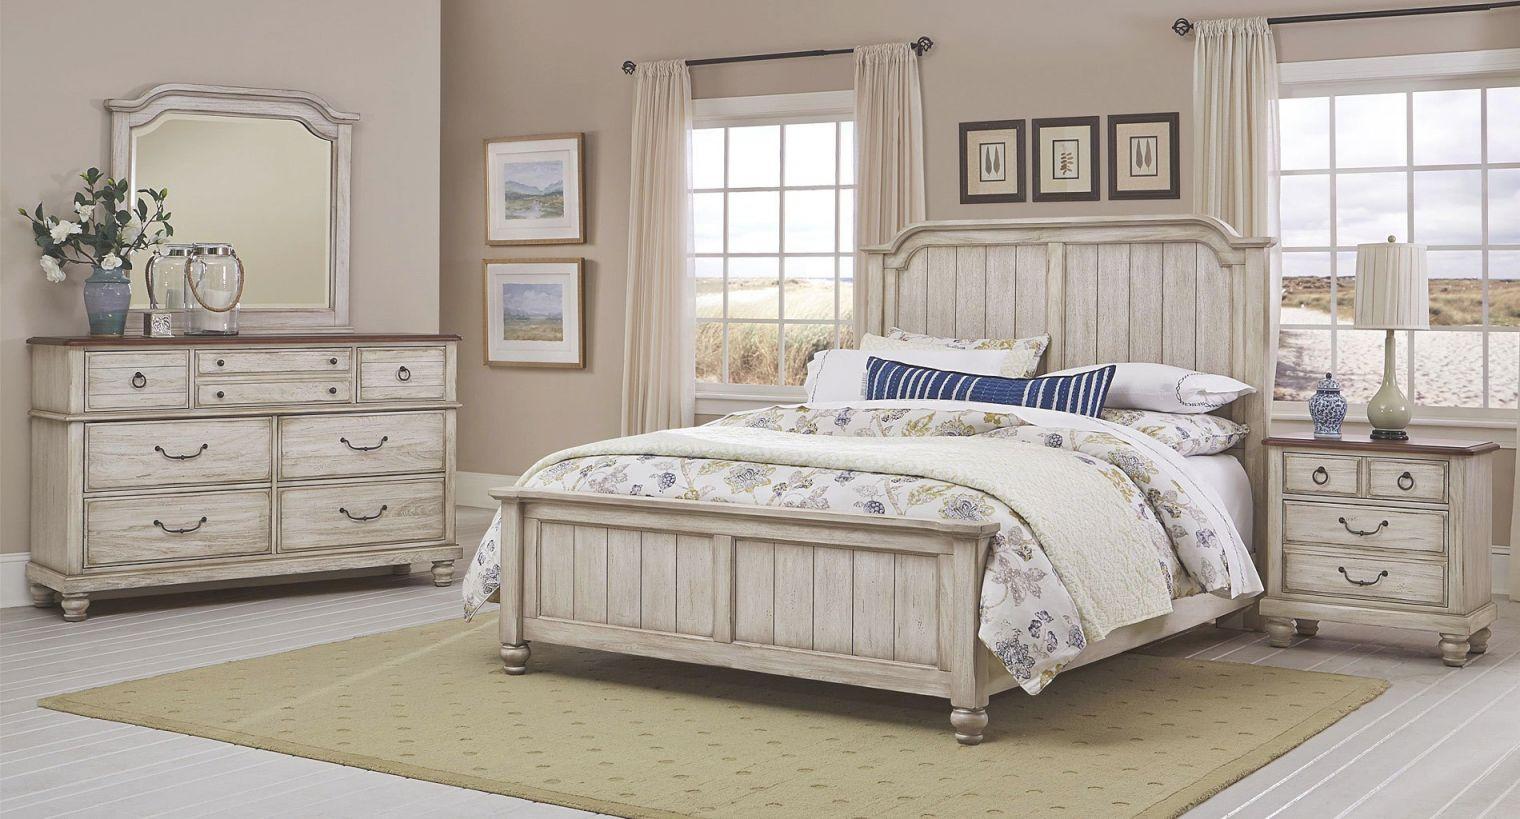 Arrendelle Panel Bedroom Set (Rustic White) intended for Unique Rustic Bedroom Furniture Sets